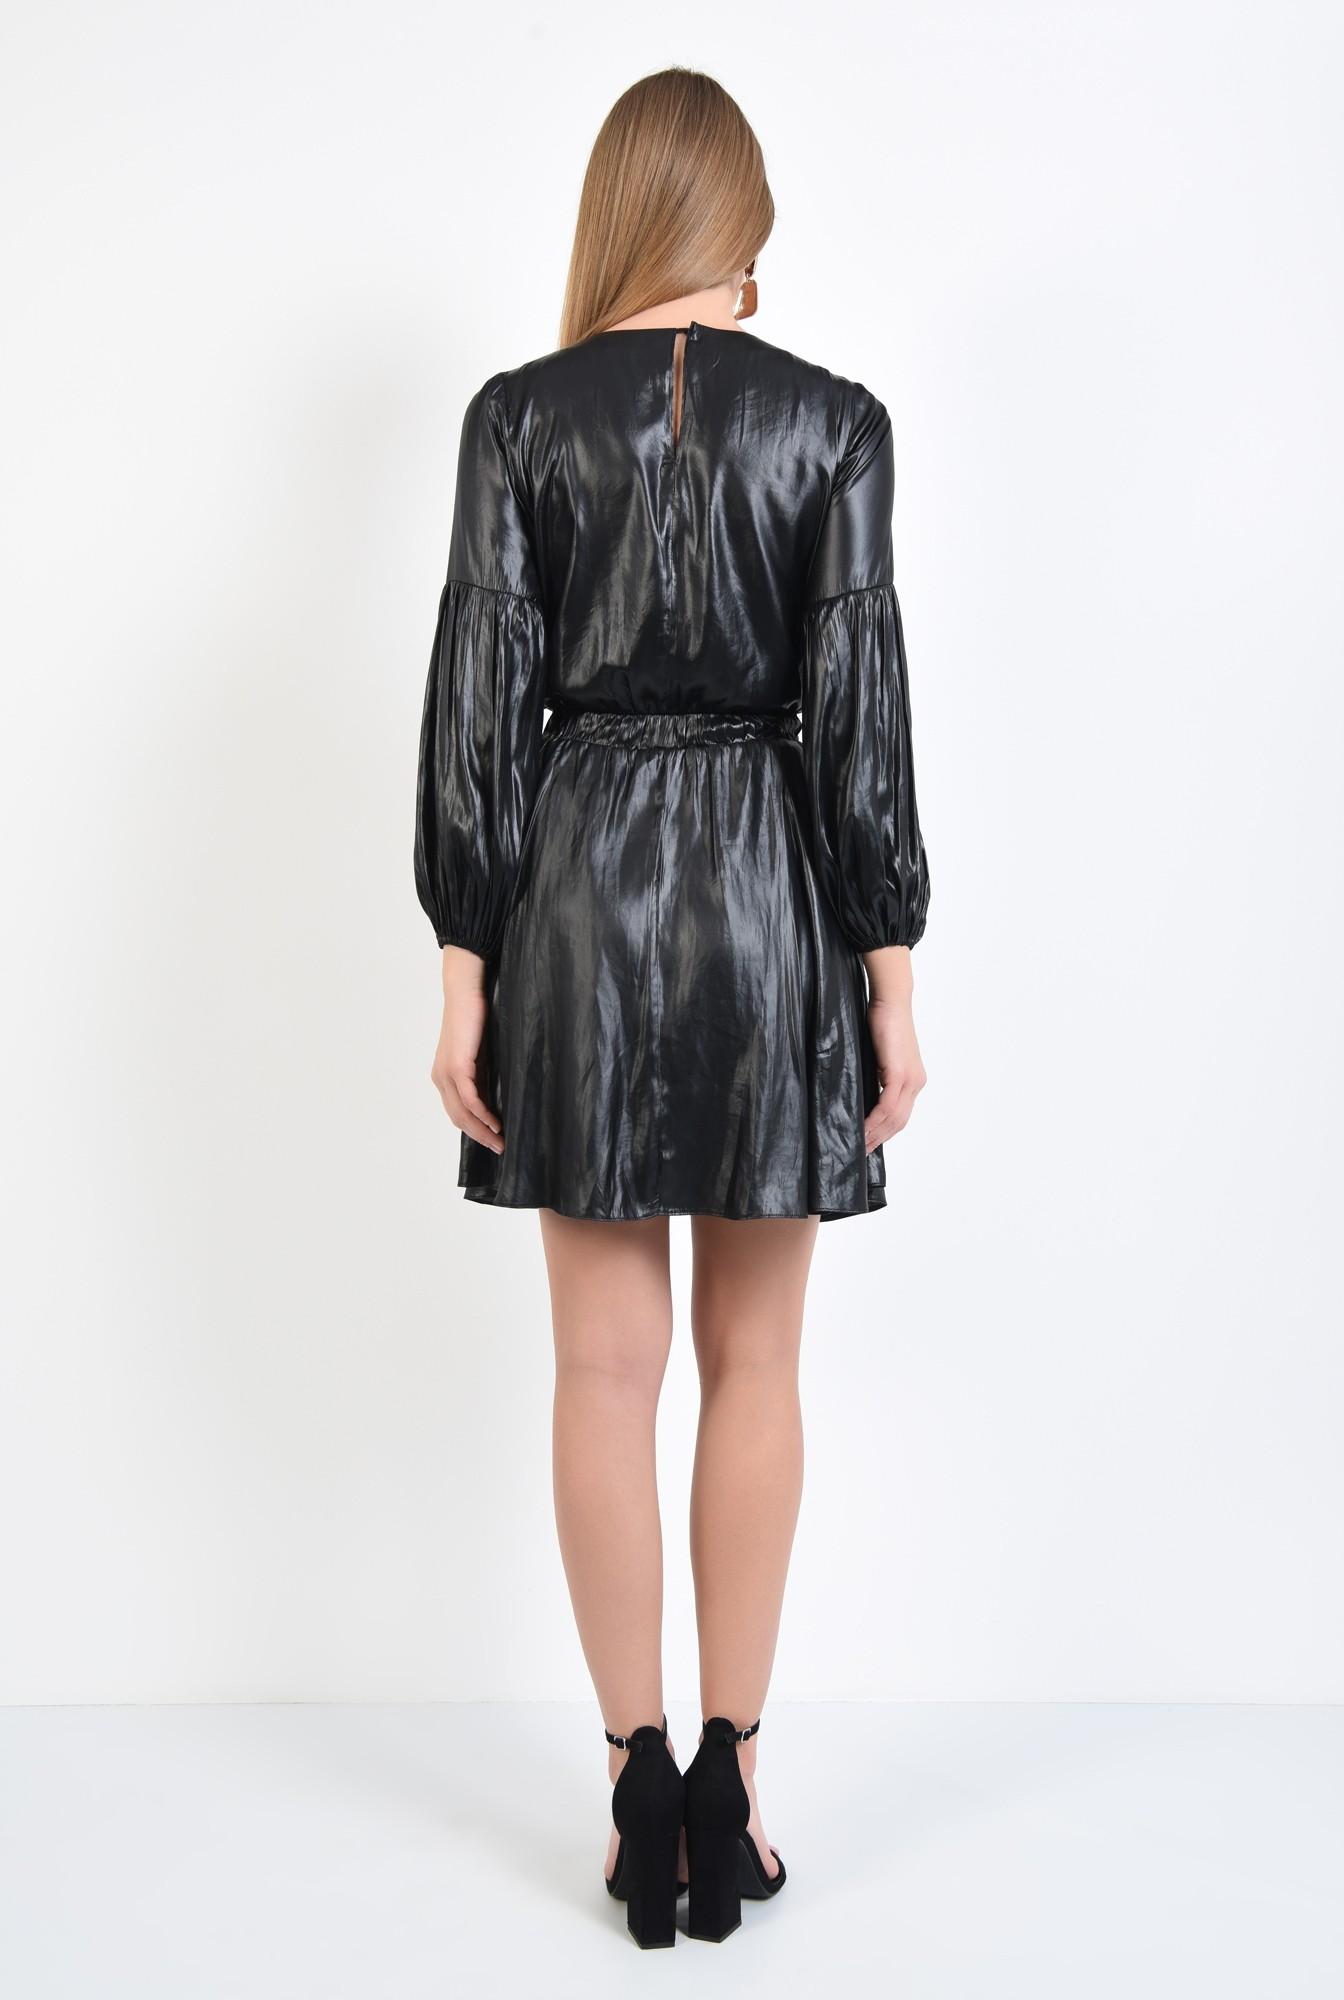 1 - rochie neagra, mini, casual, fronseuri la decolteu